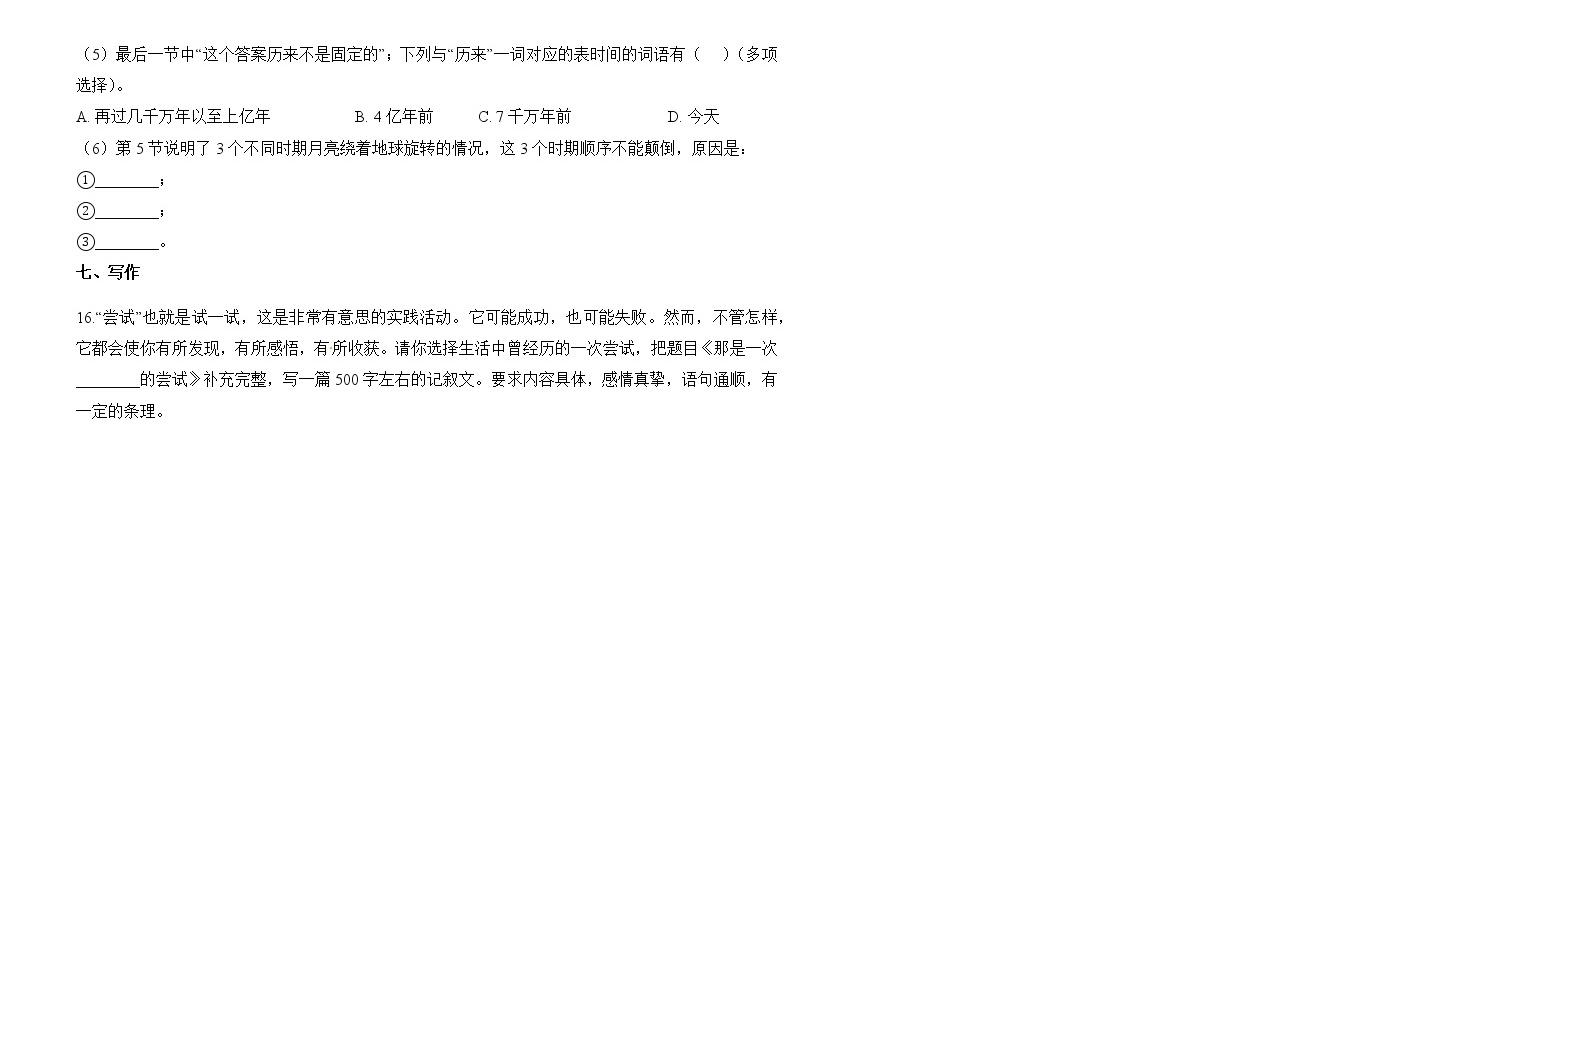 2019-2020年度六年级语文小升初全真模拟试卷 (五)(有答案)03